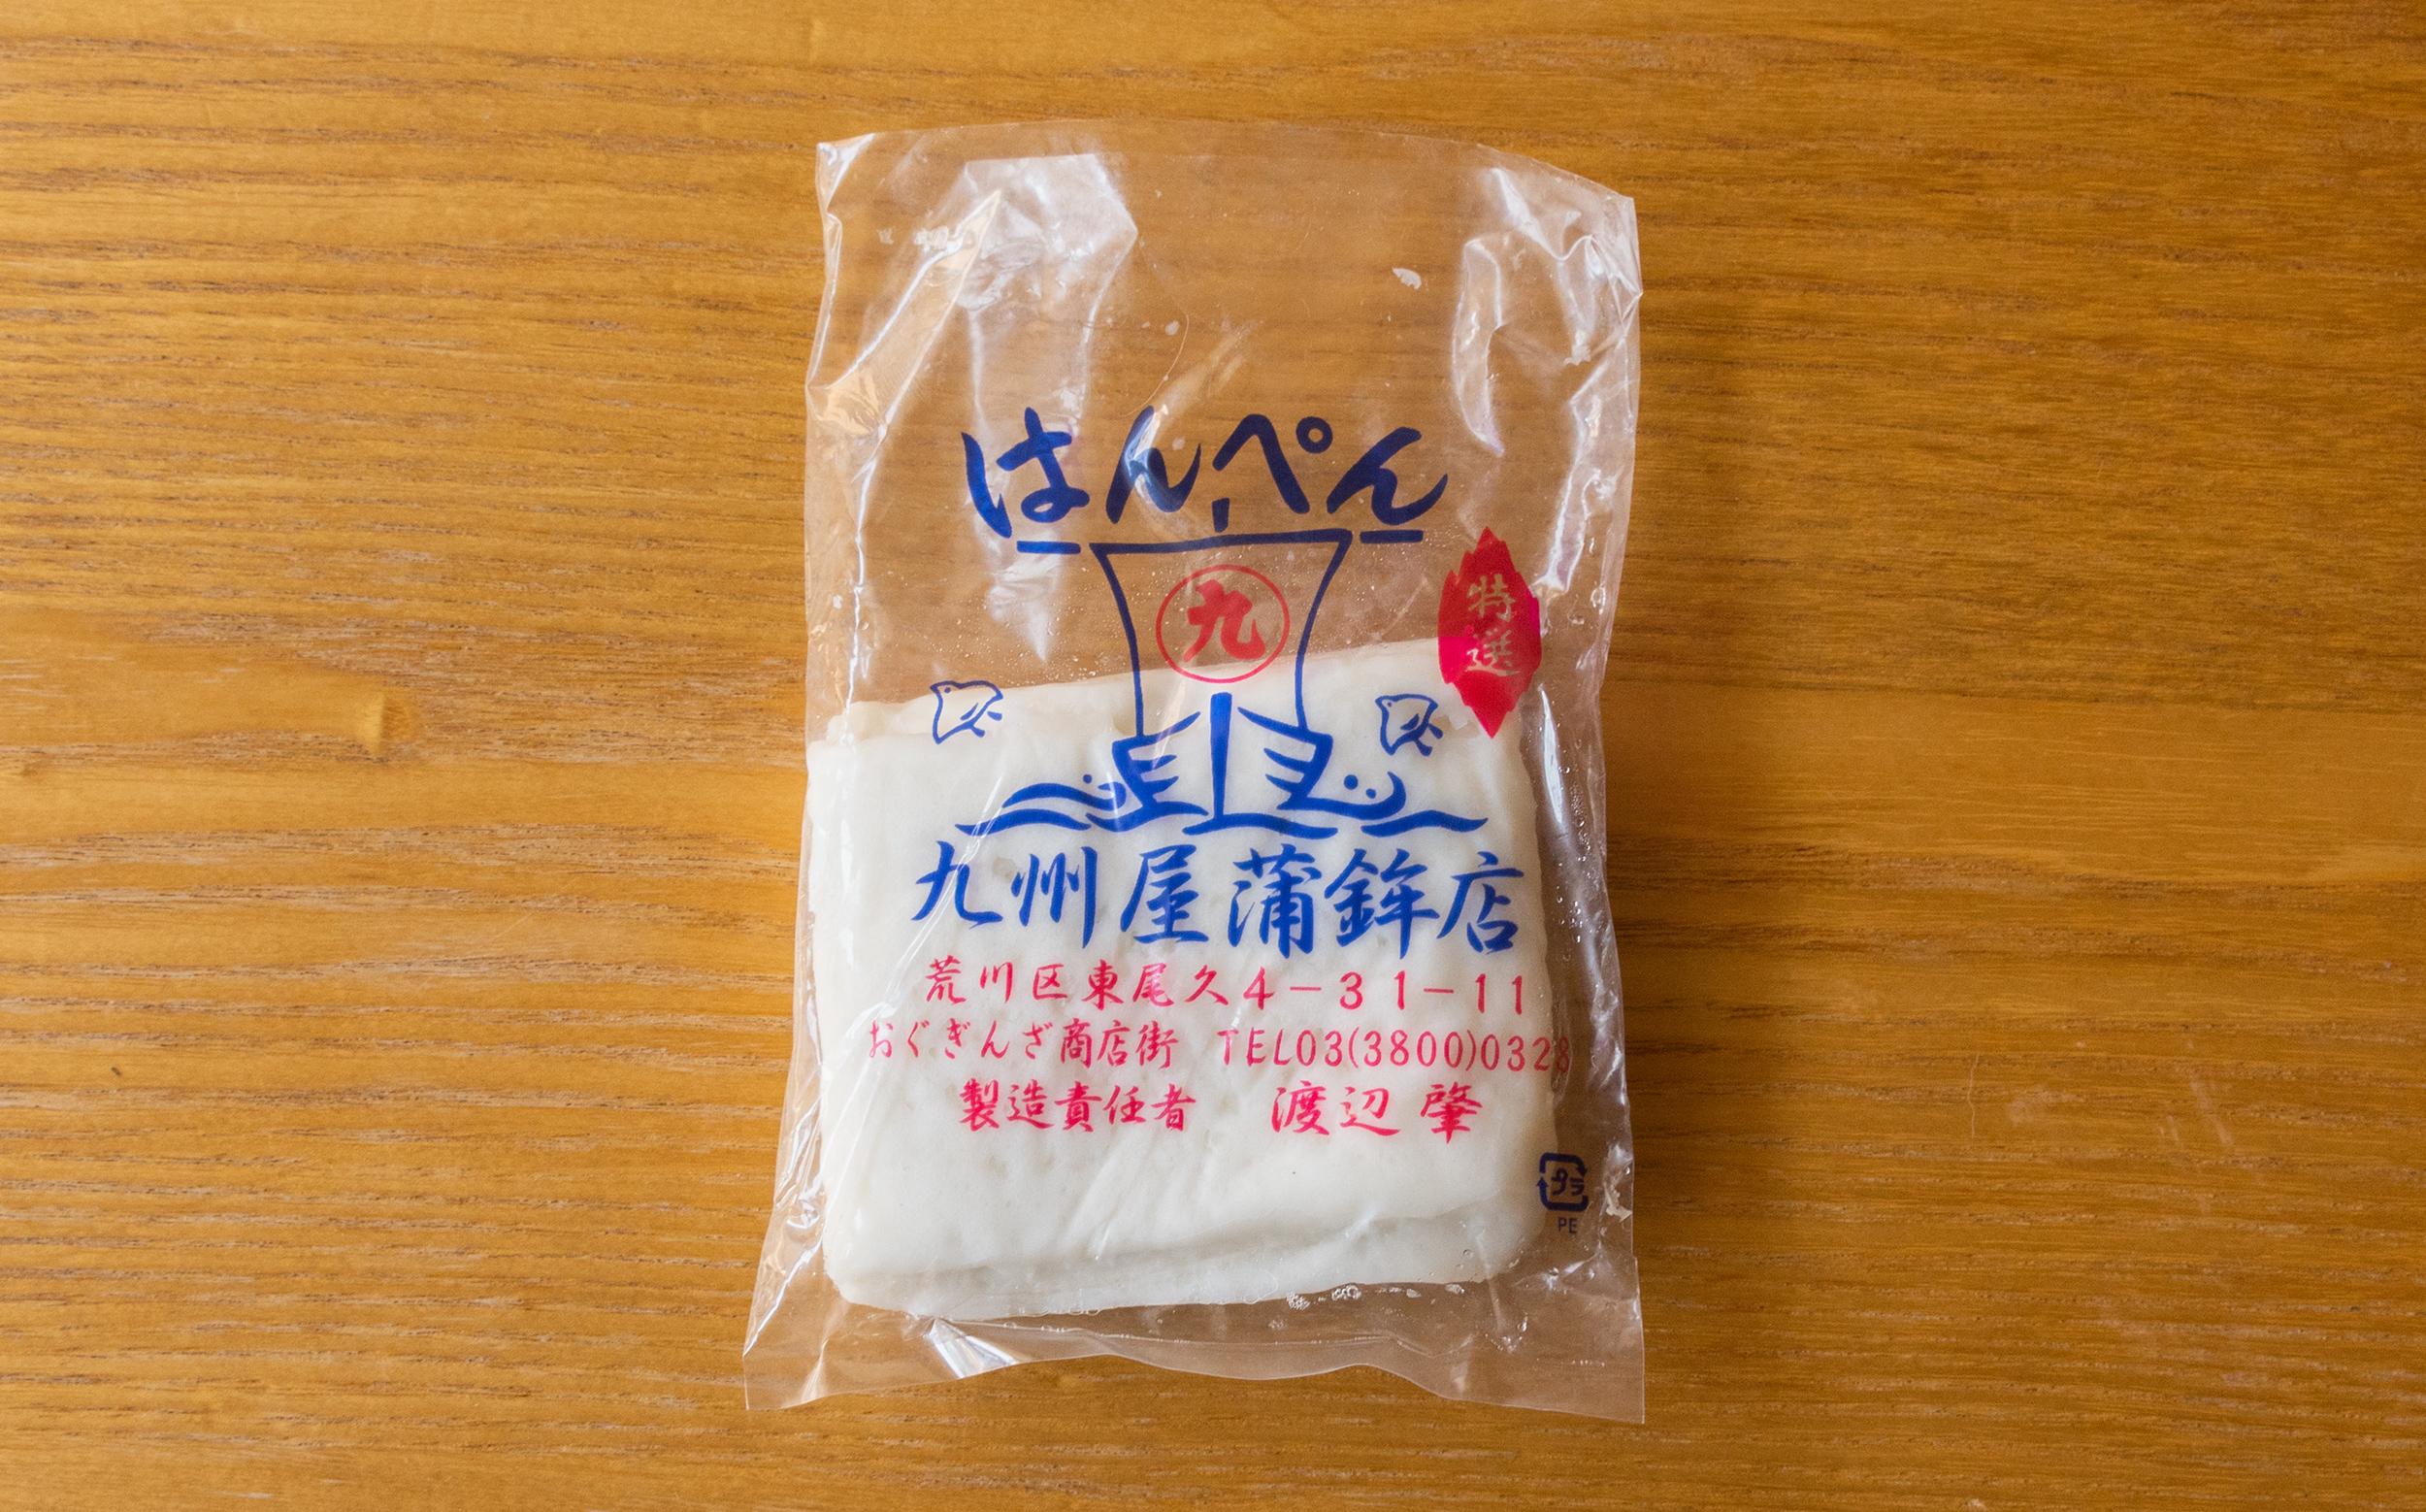 東京都板橋区蓮根 蓮根中央商店会 えびすや蒲鉾店のおでん種:はんぺん